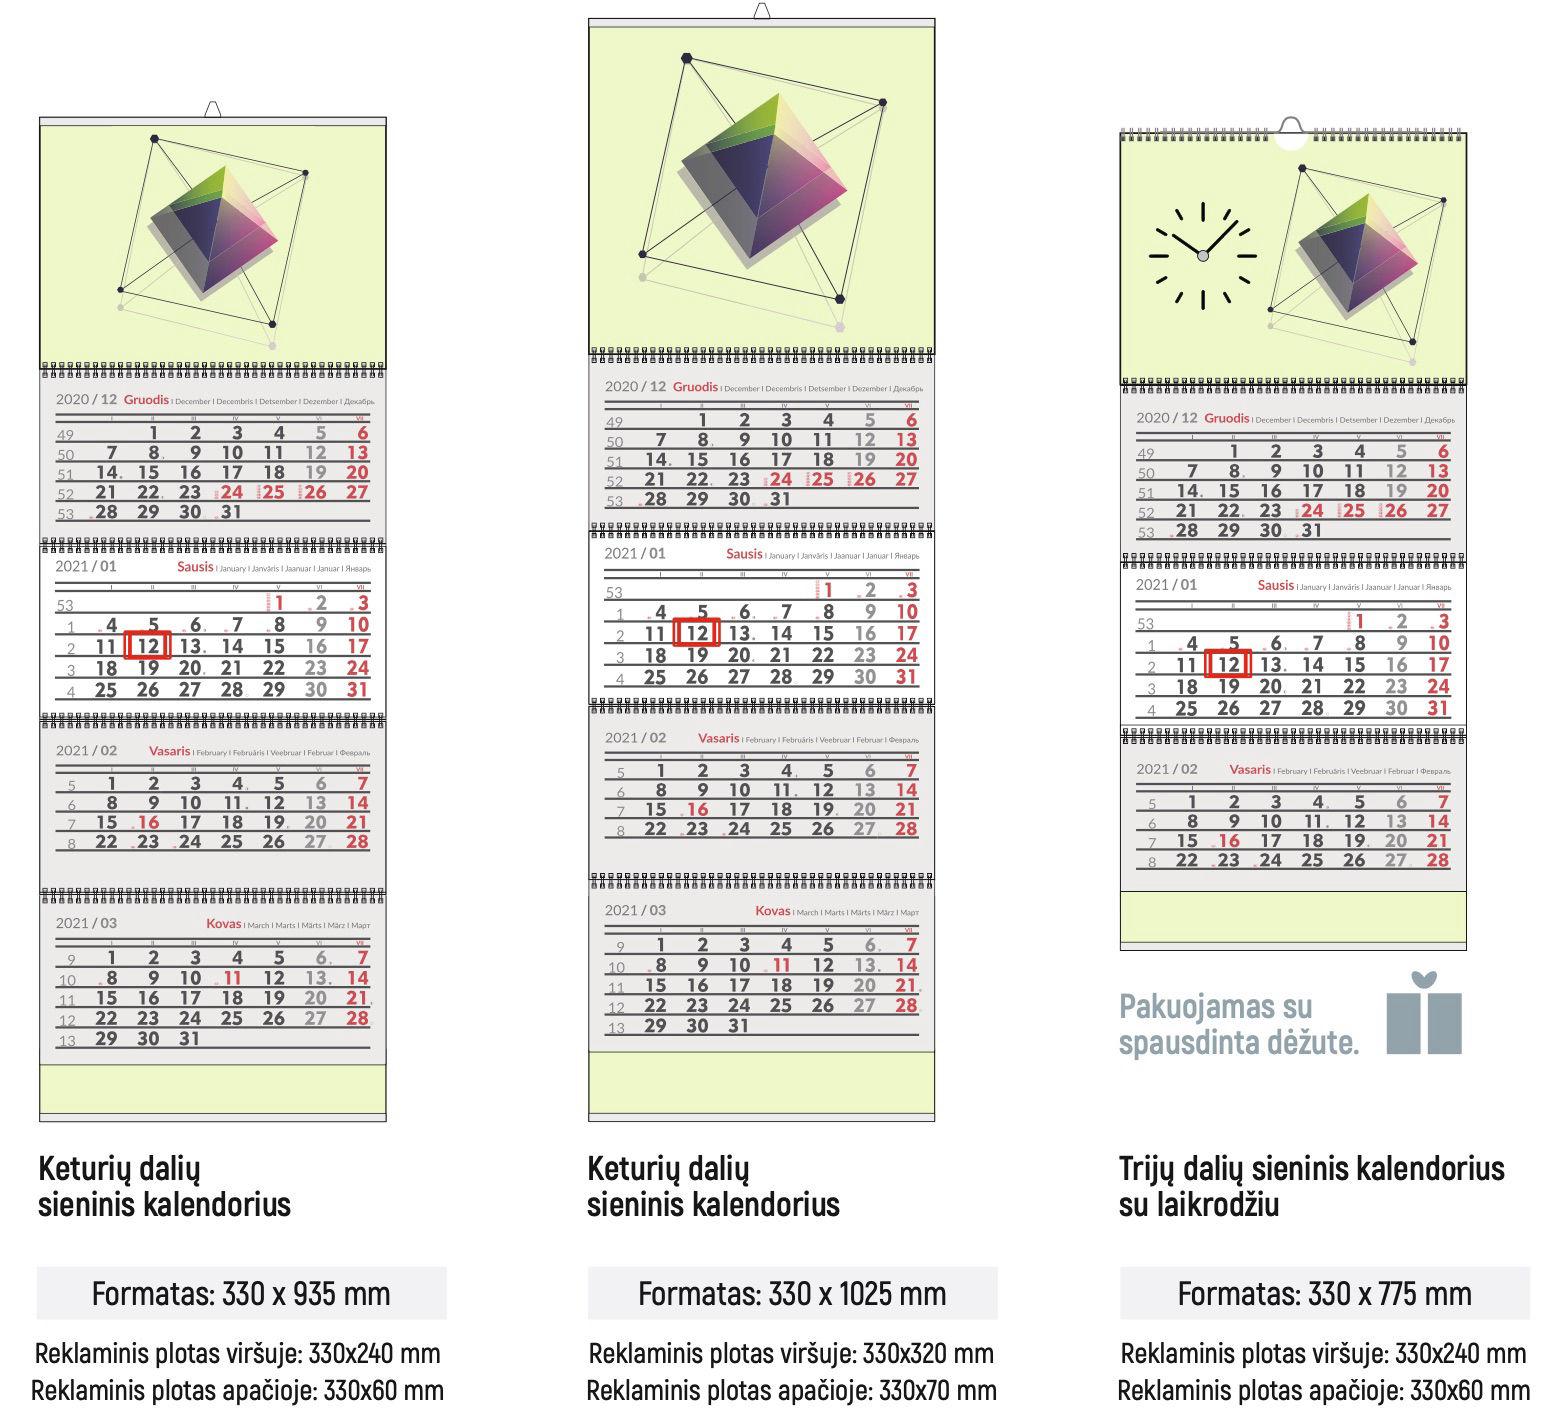 Sieniniai keturių dalių kalendoriai